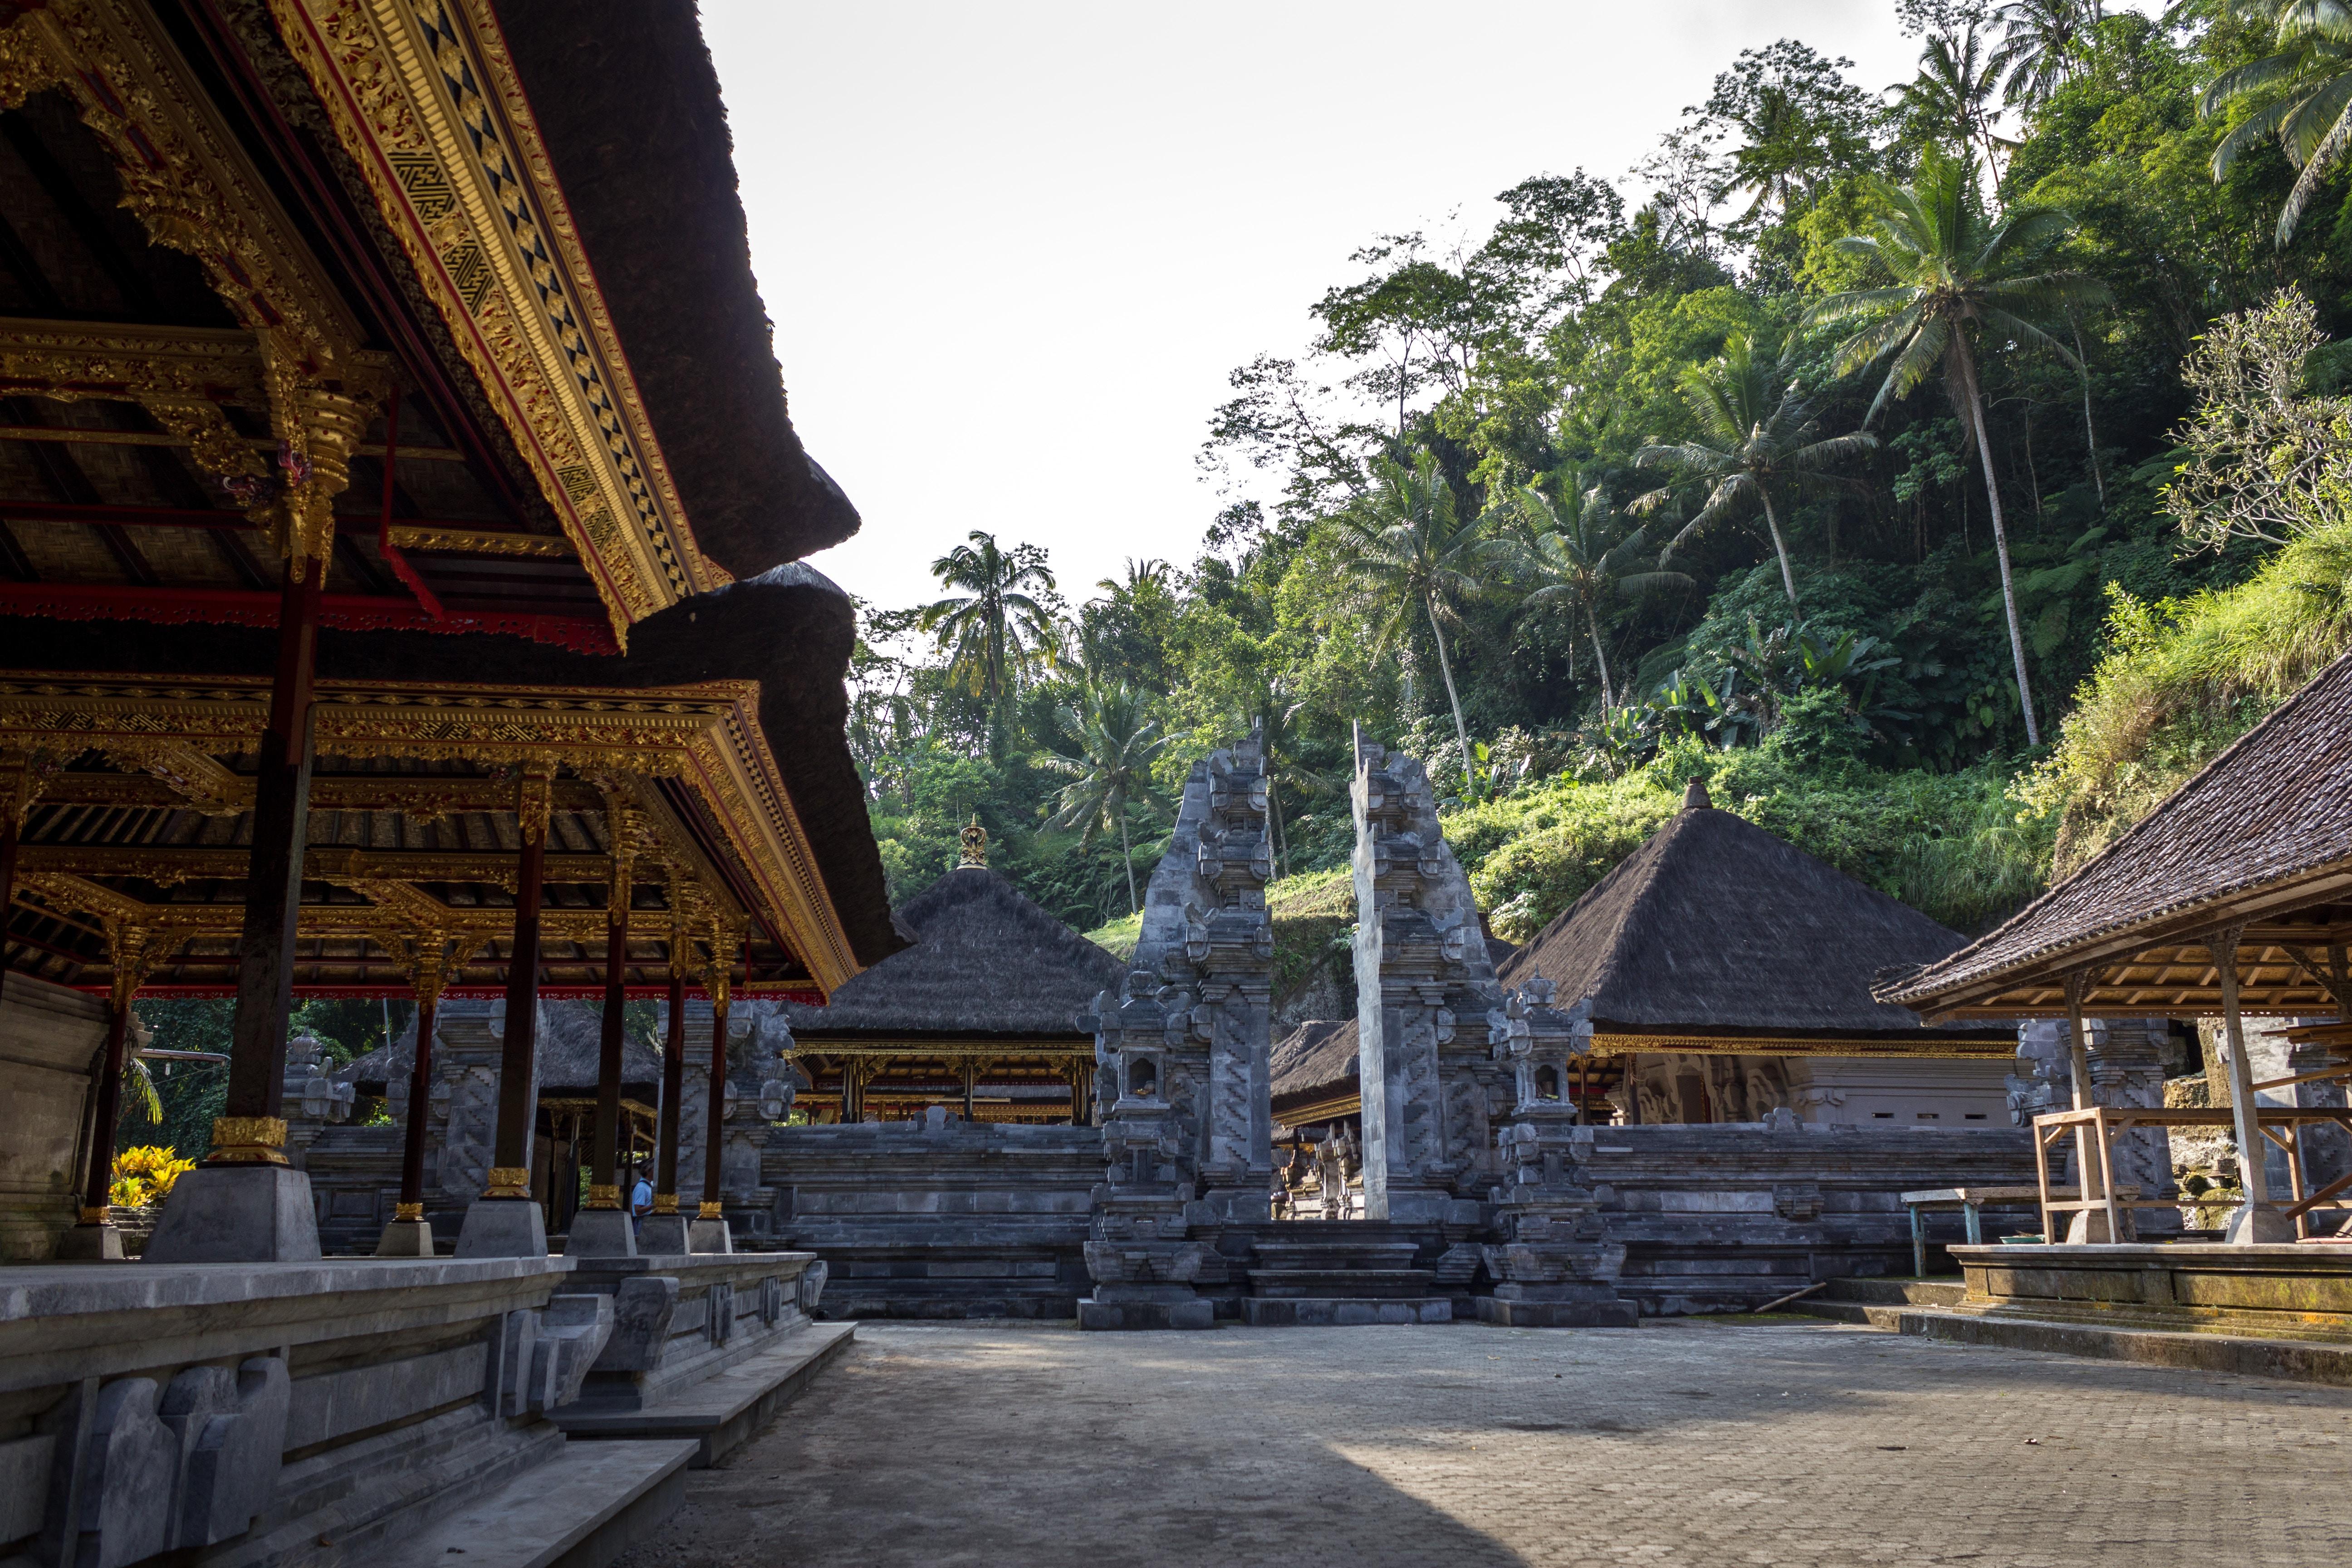 pagoda tower near tall trees